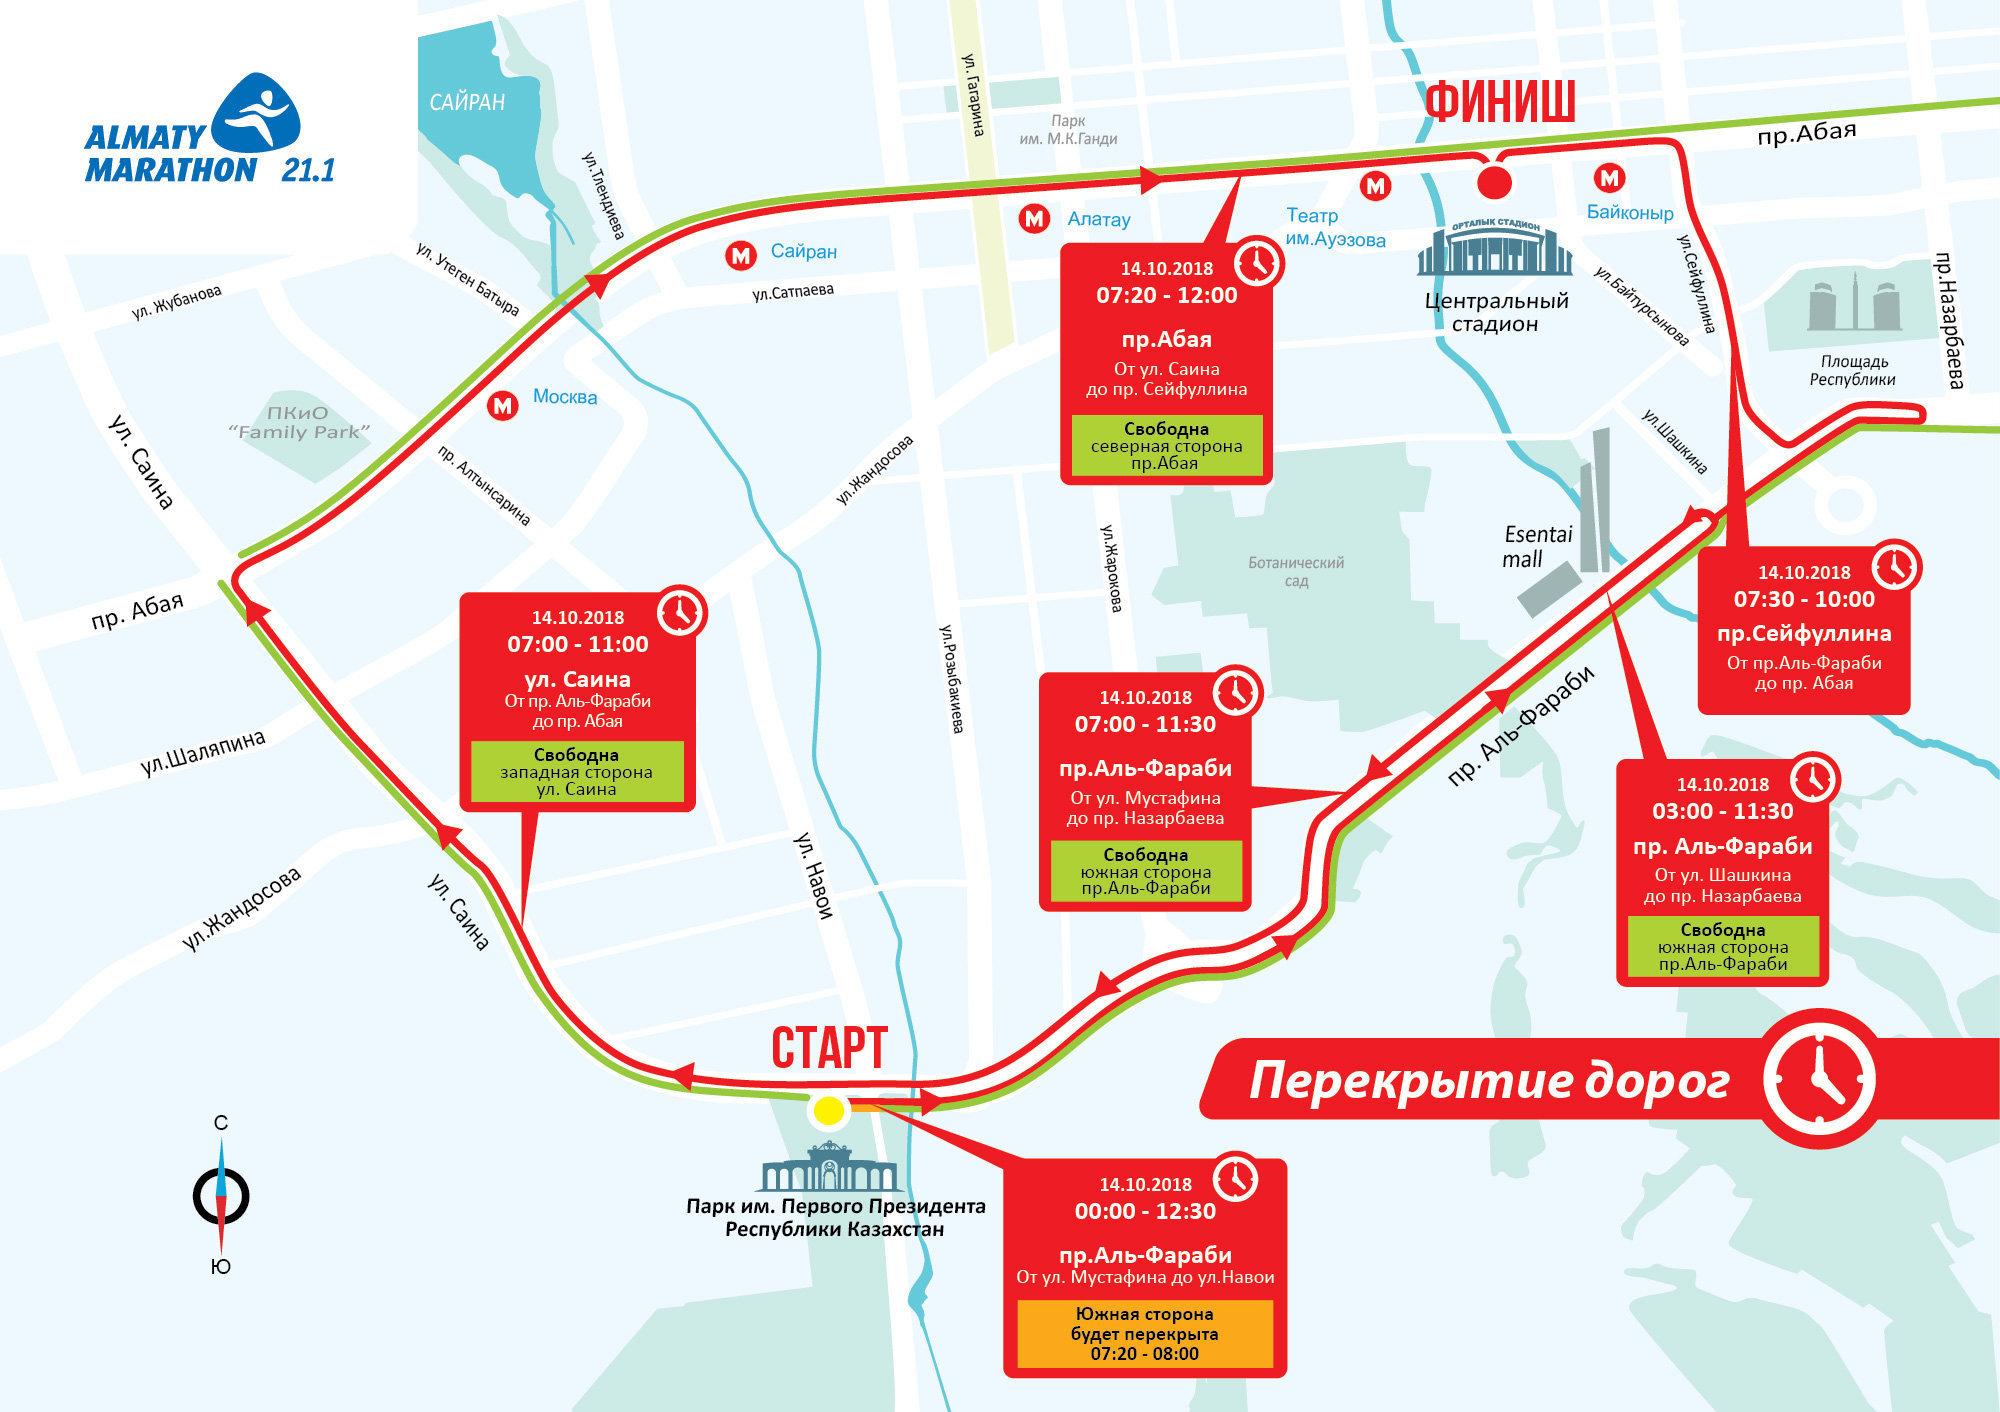 Полумарафон в Алматы. Схема перекрытия дорог